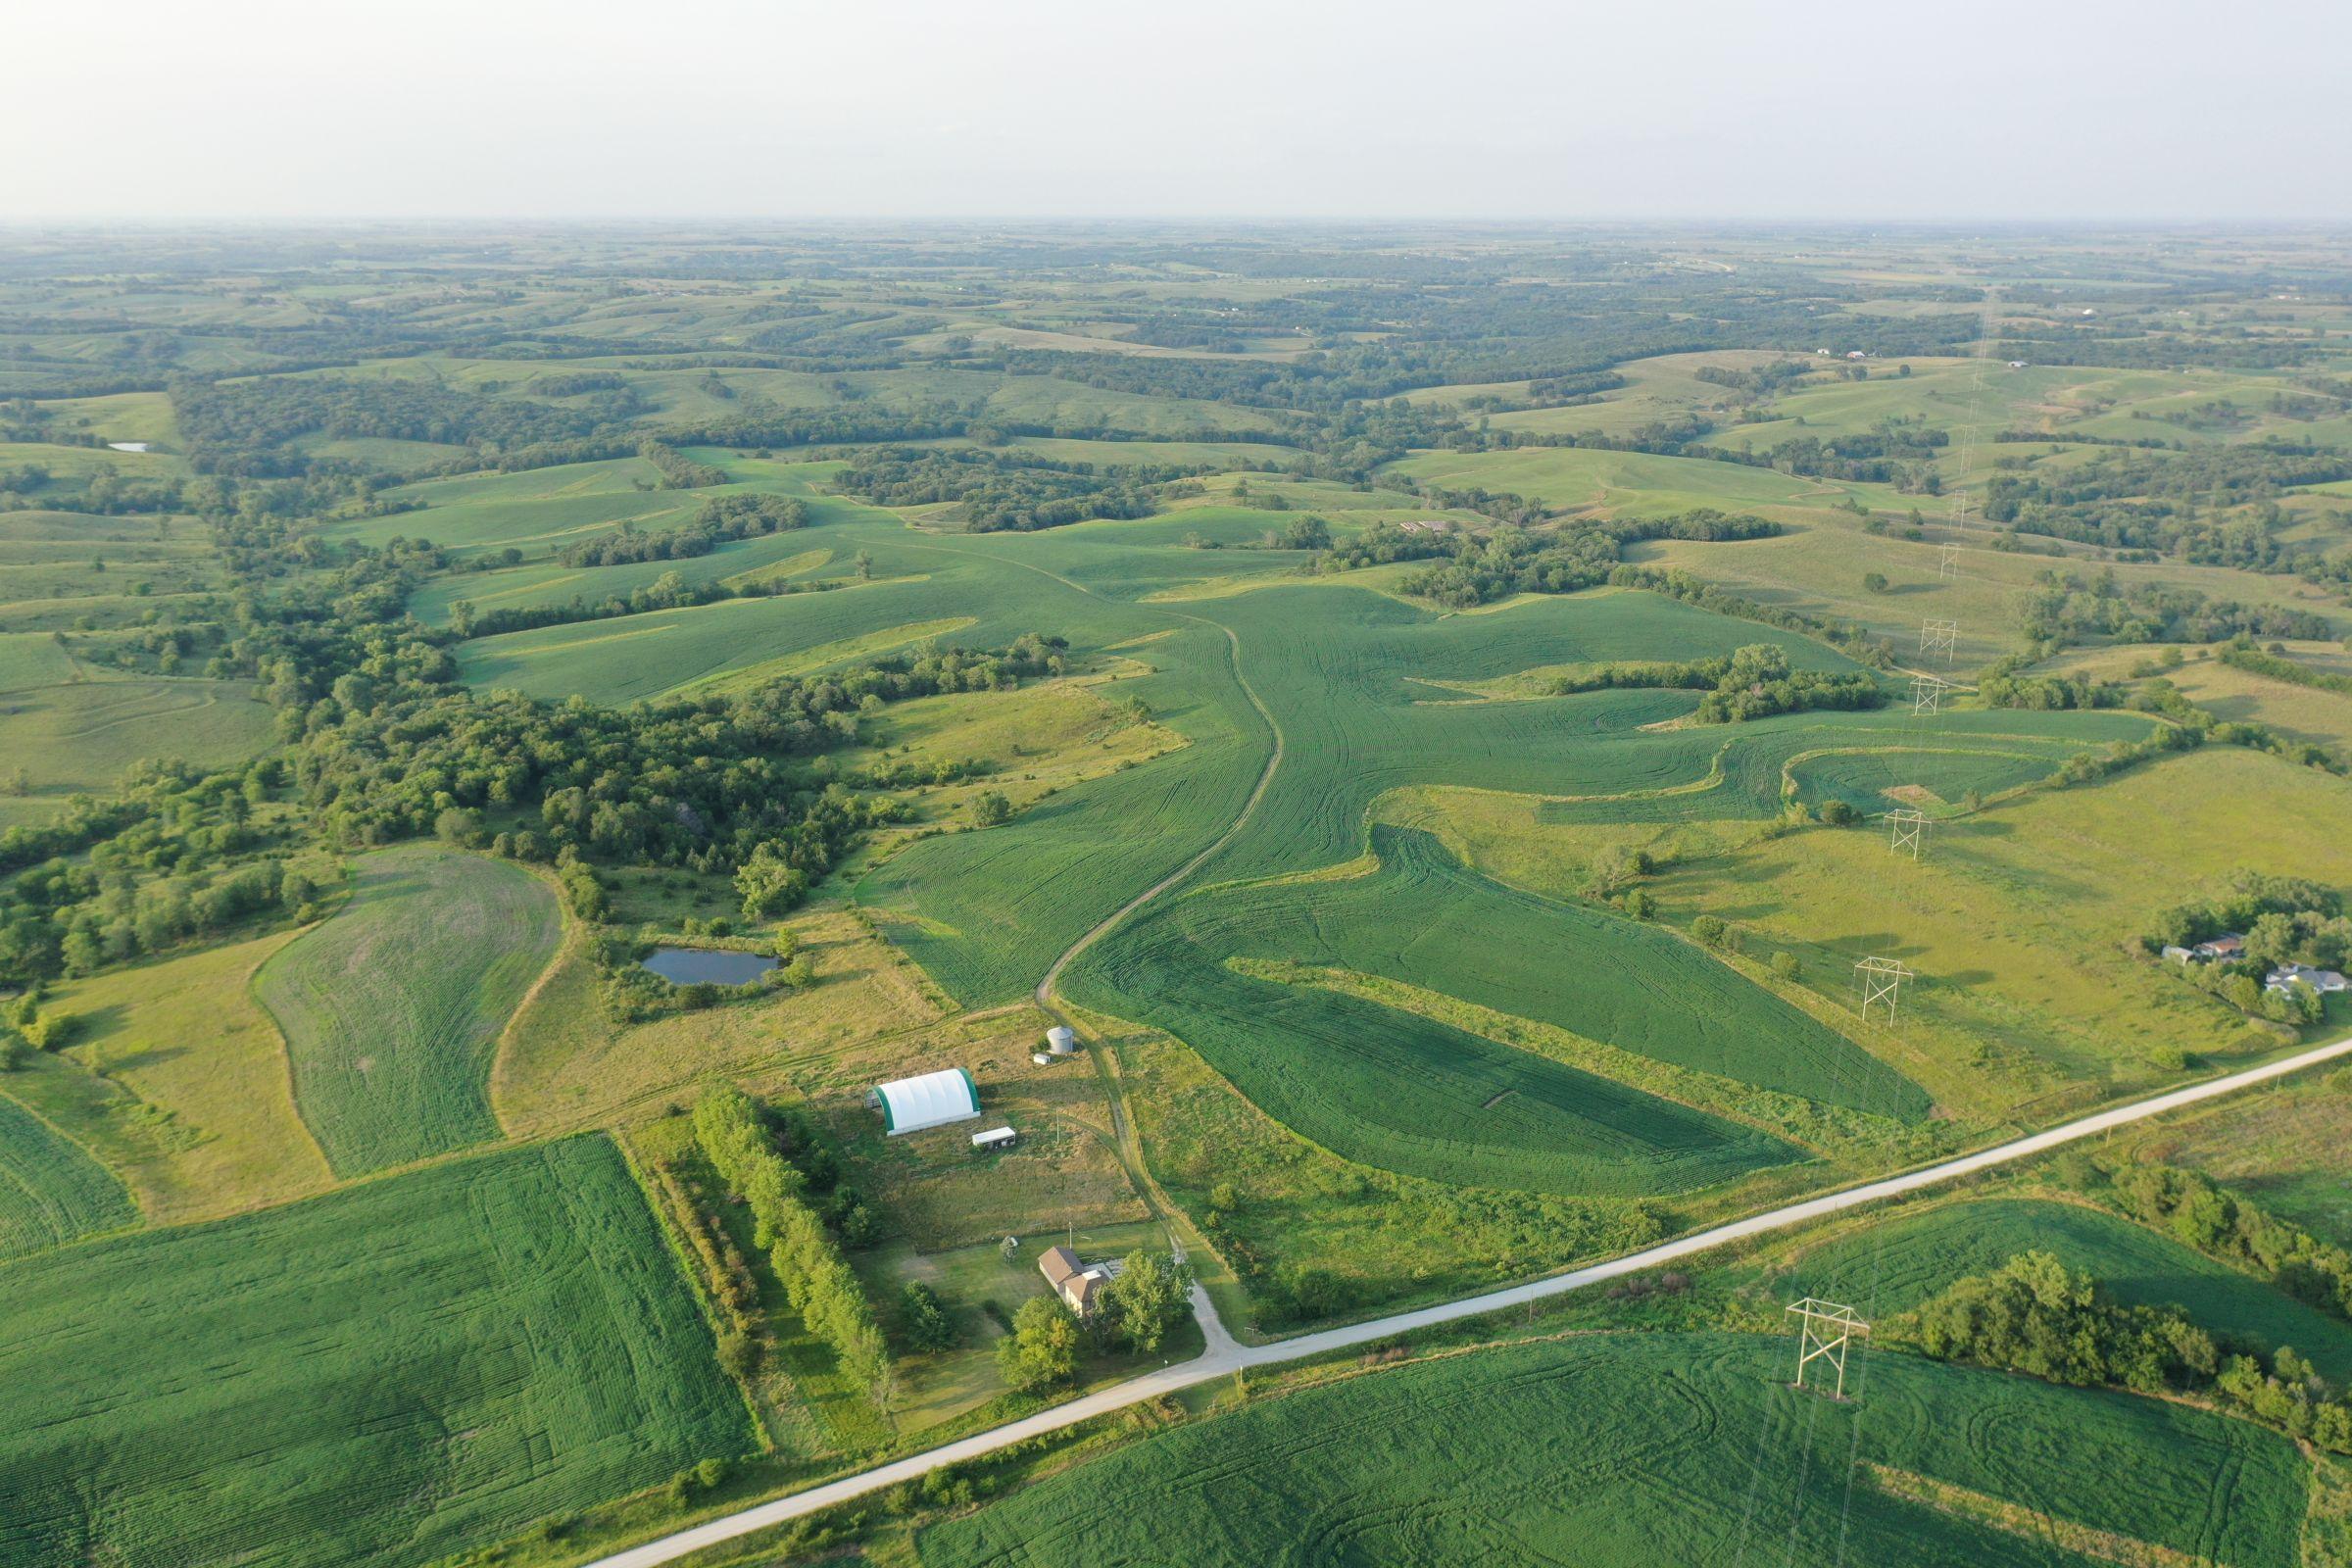 residential-adair-county-iowa-6-acres-listing-number-15664-0-2021-08-04-193525.JPG